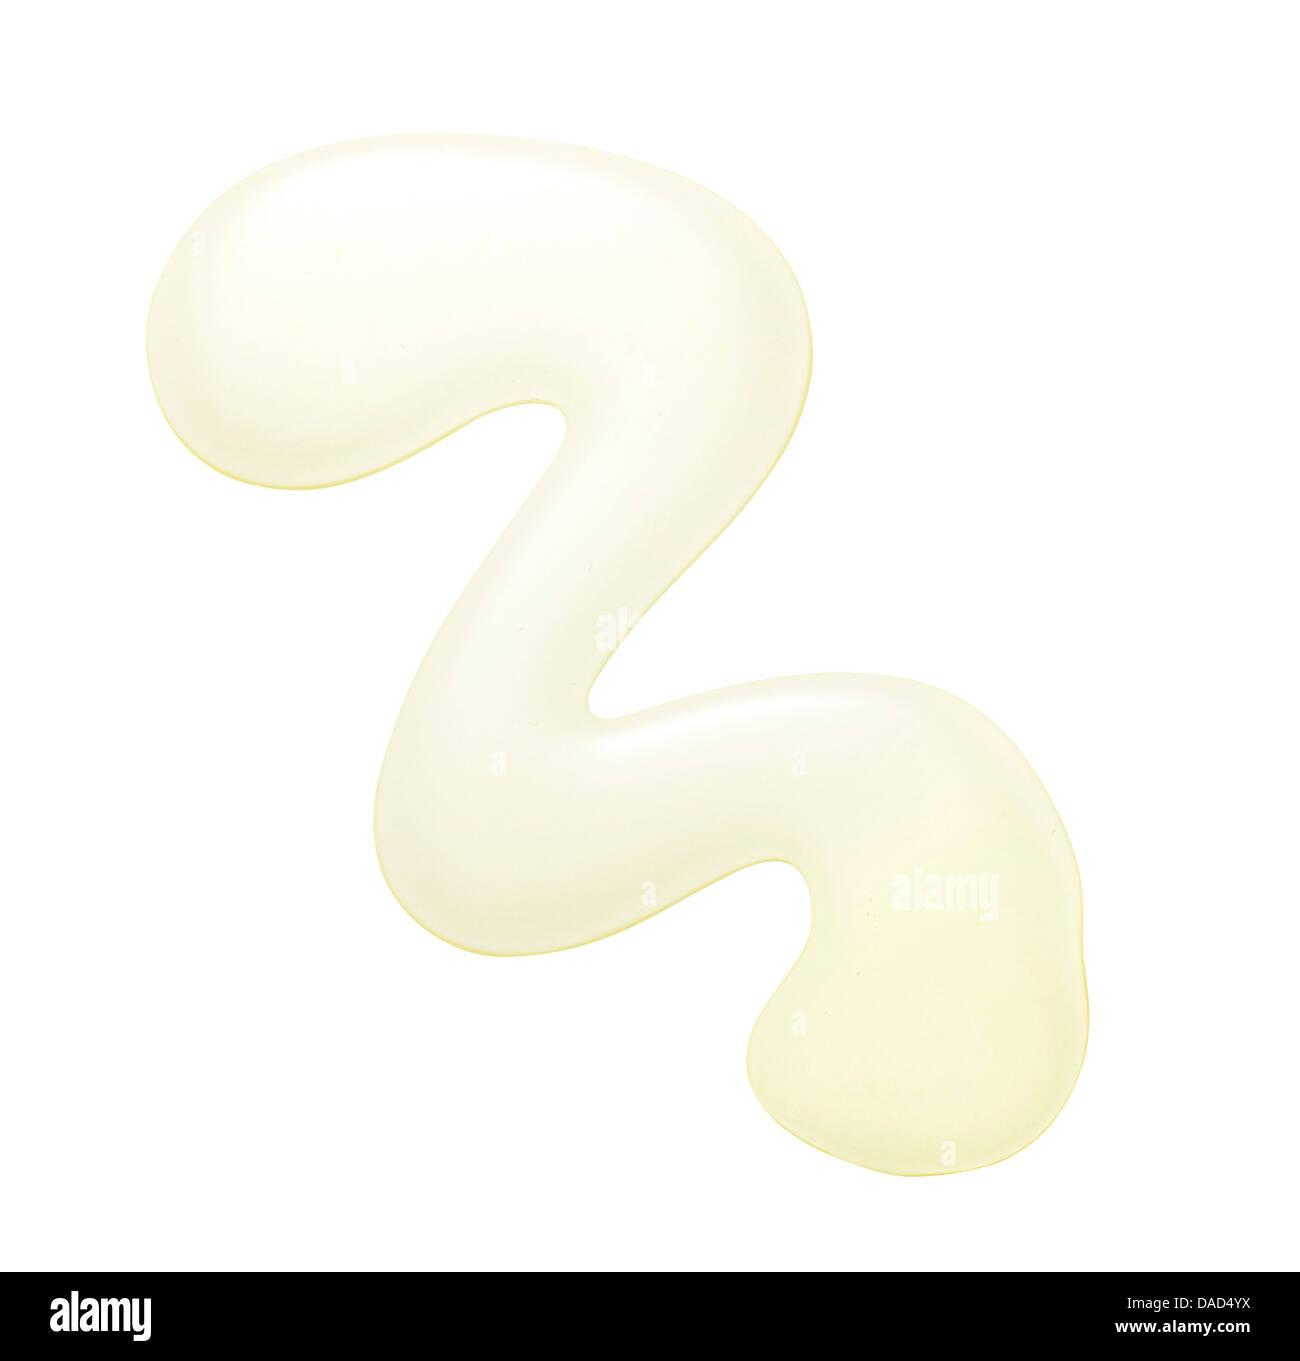 Giallo beige crema di bellezza tagliati su sfondo bianco Immagini Stock